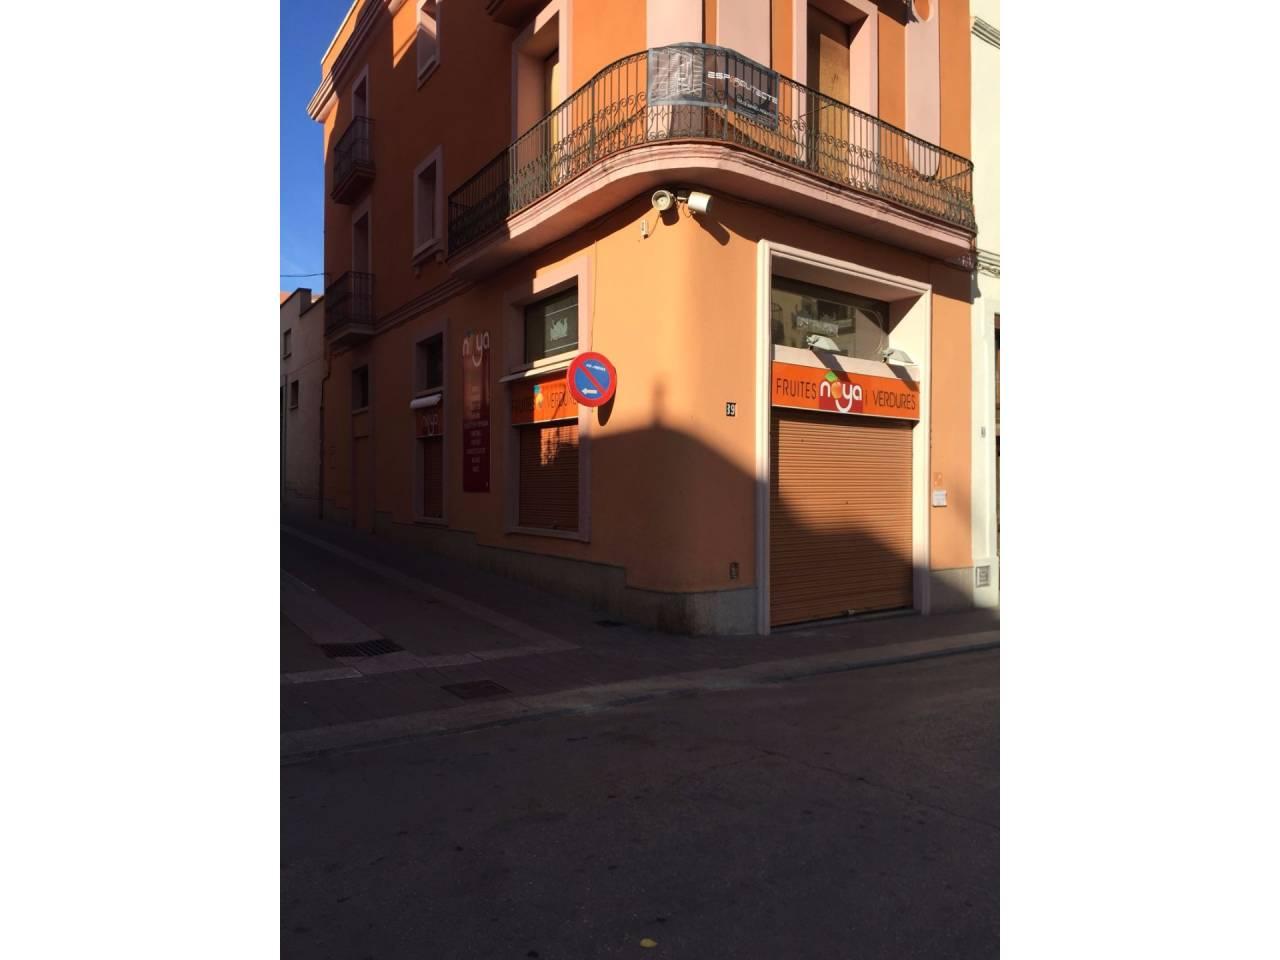 Lloguer Local Comercial  Calle montserrat. Finques pardas - local para alquilar en Sant Sadurní d´Anoia en